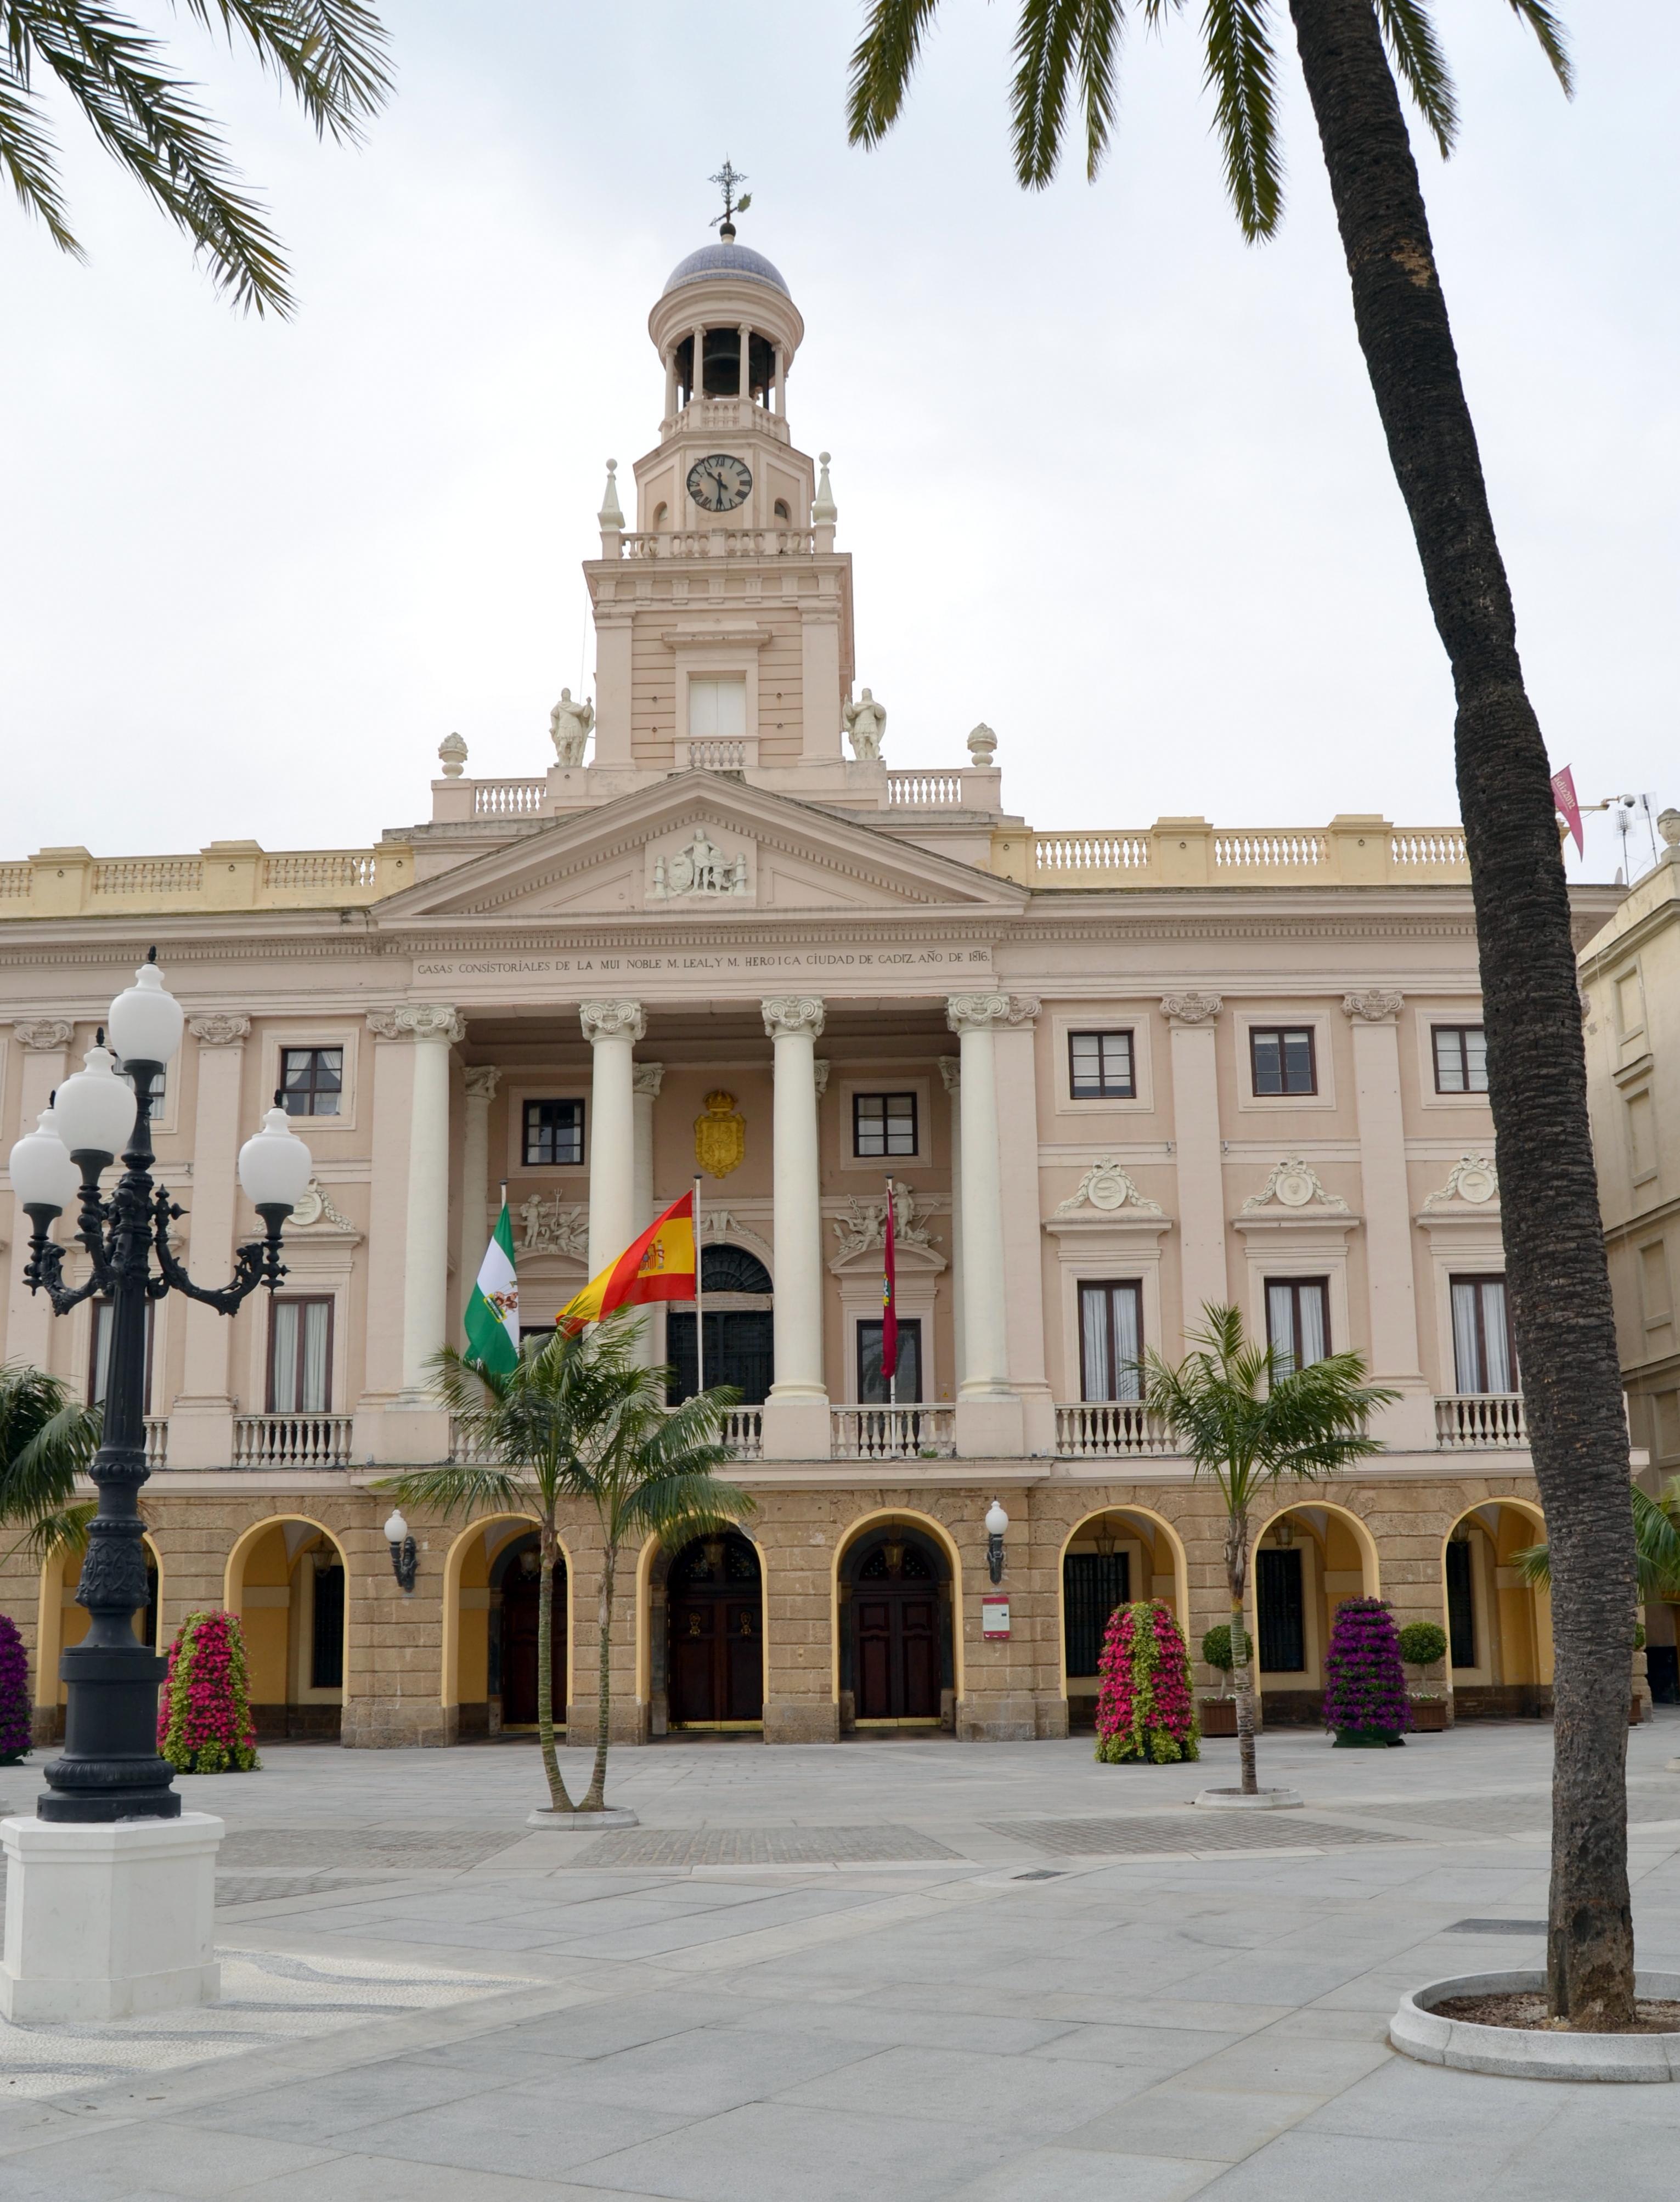 Plaza de san juan de dios y ayuntamiento de c diz for Ayuntamiento de cadiz recogida de muebles